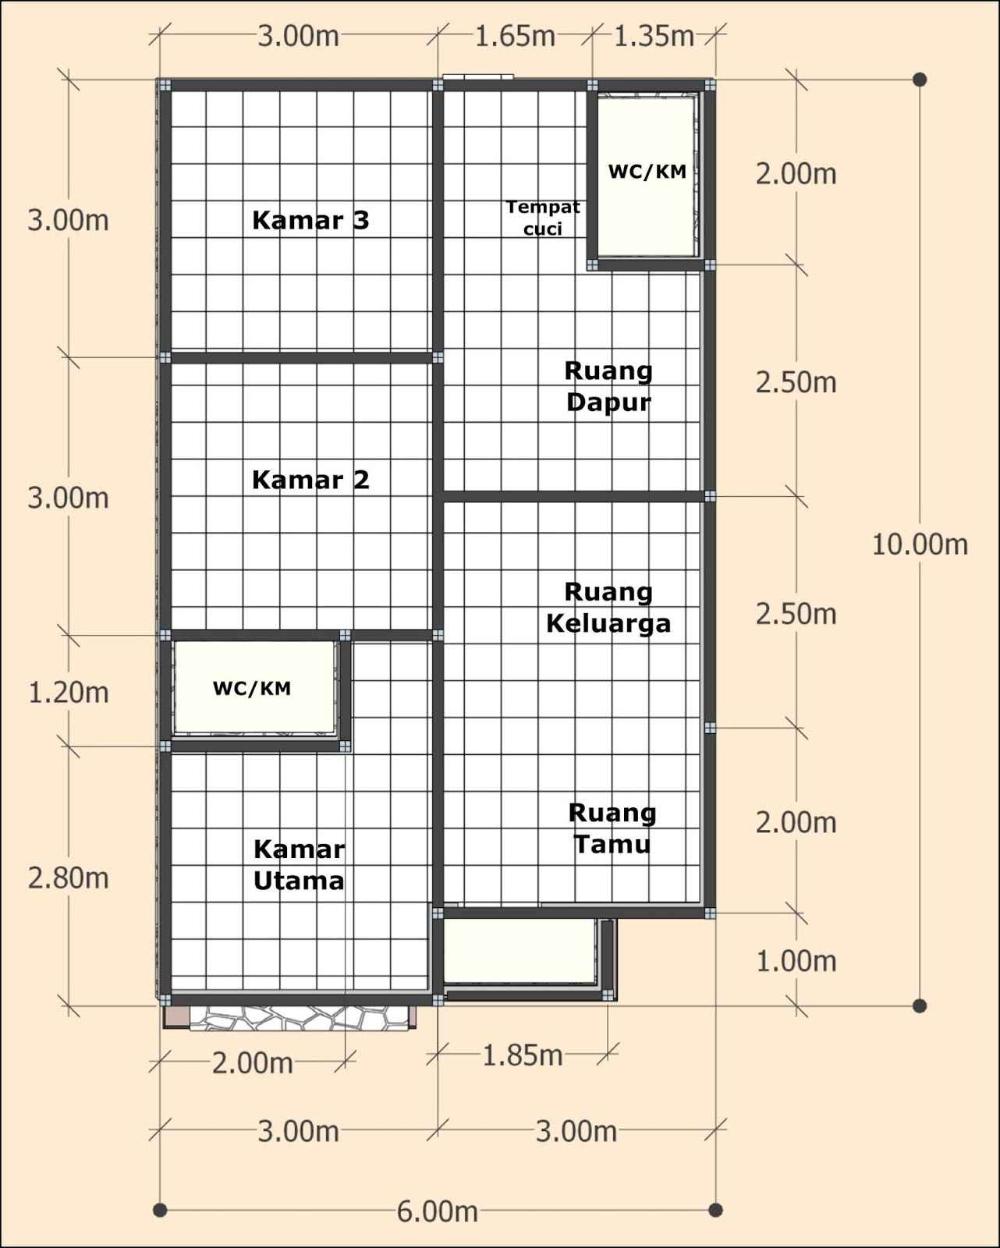 Rumah Minimalis 6x8 1 Lantai : rumah, minimalis, lantai, Desain, Denah, Rumah, Sederhana, Terbaru